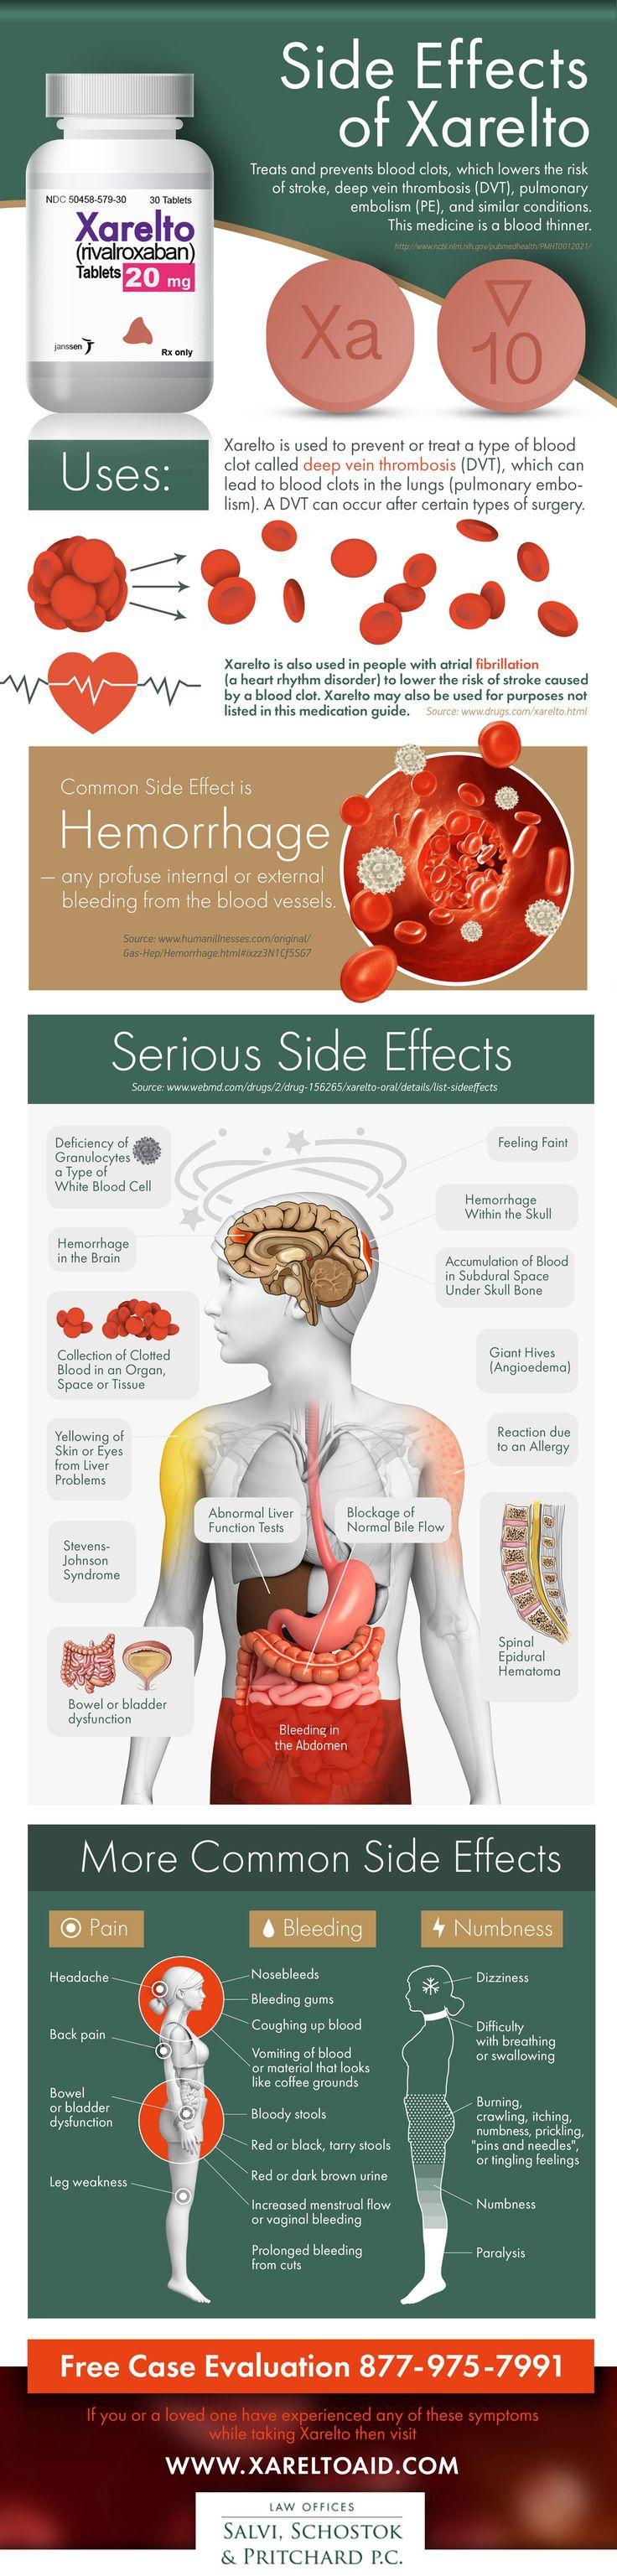 Xarelto Side Effects